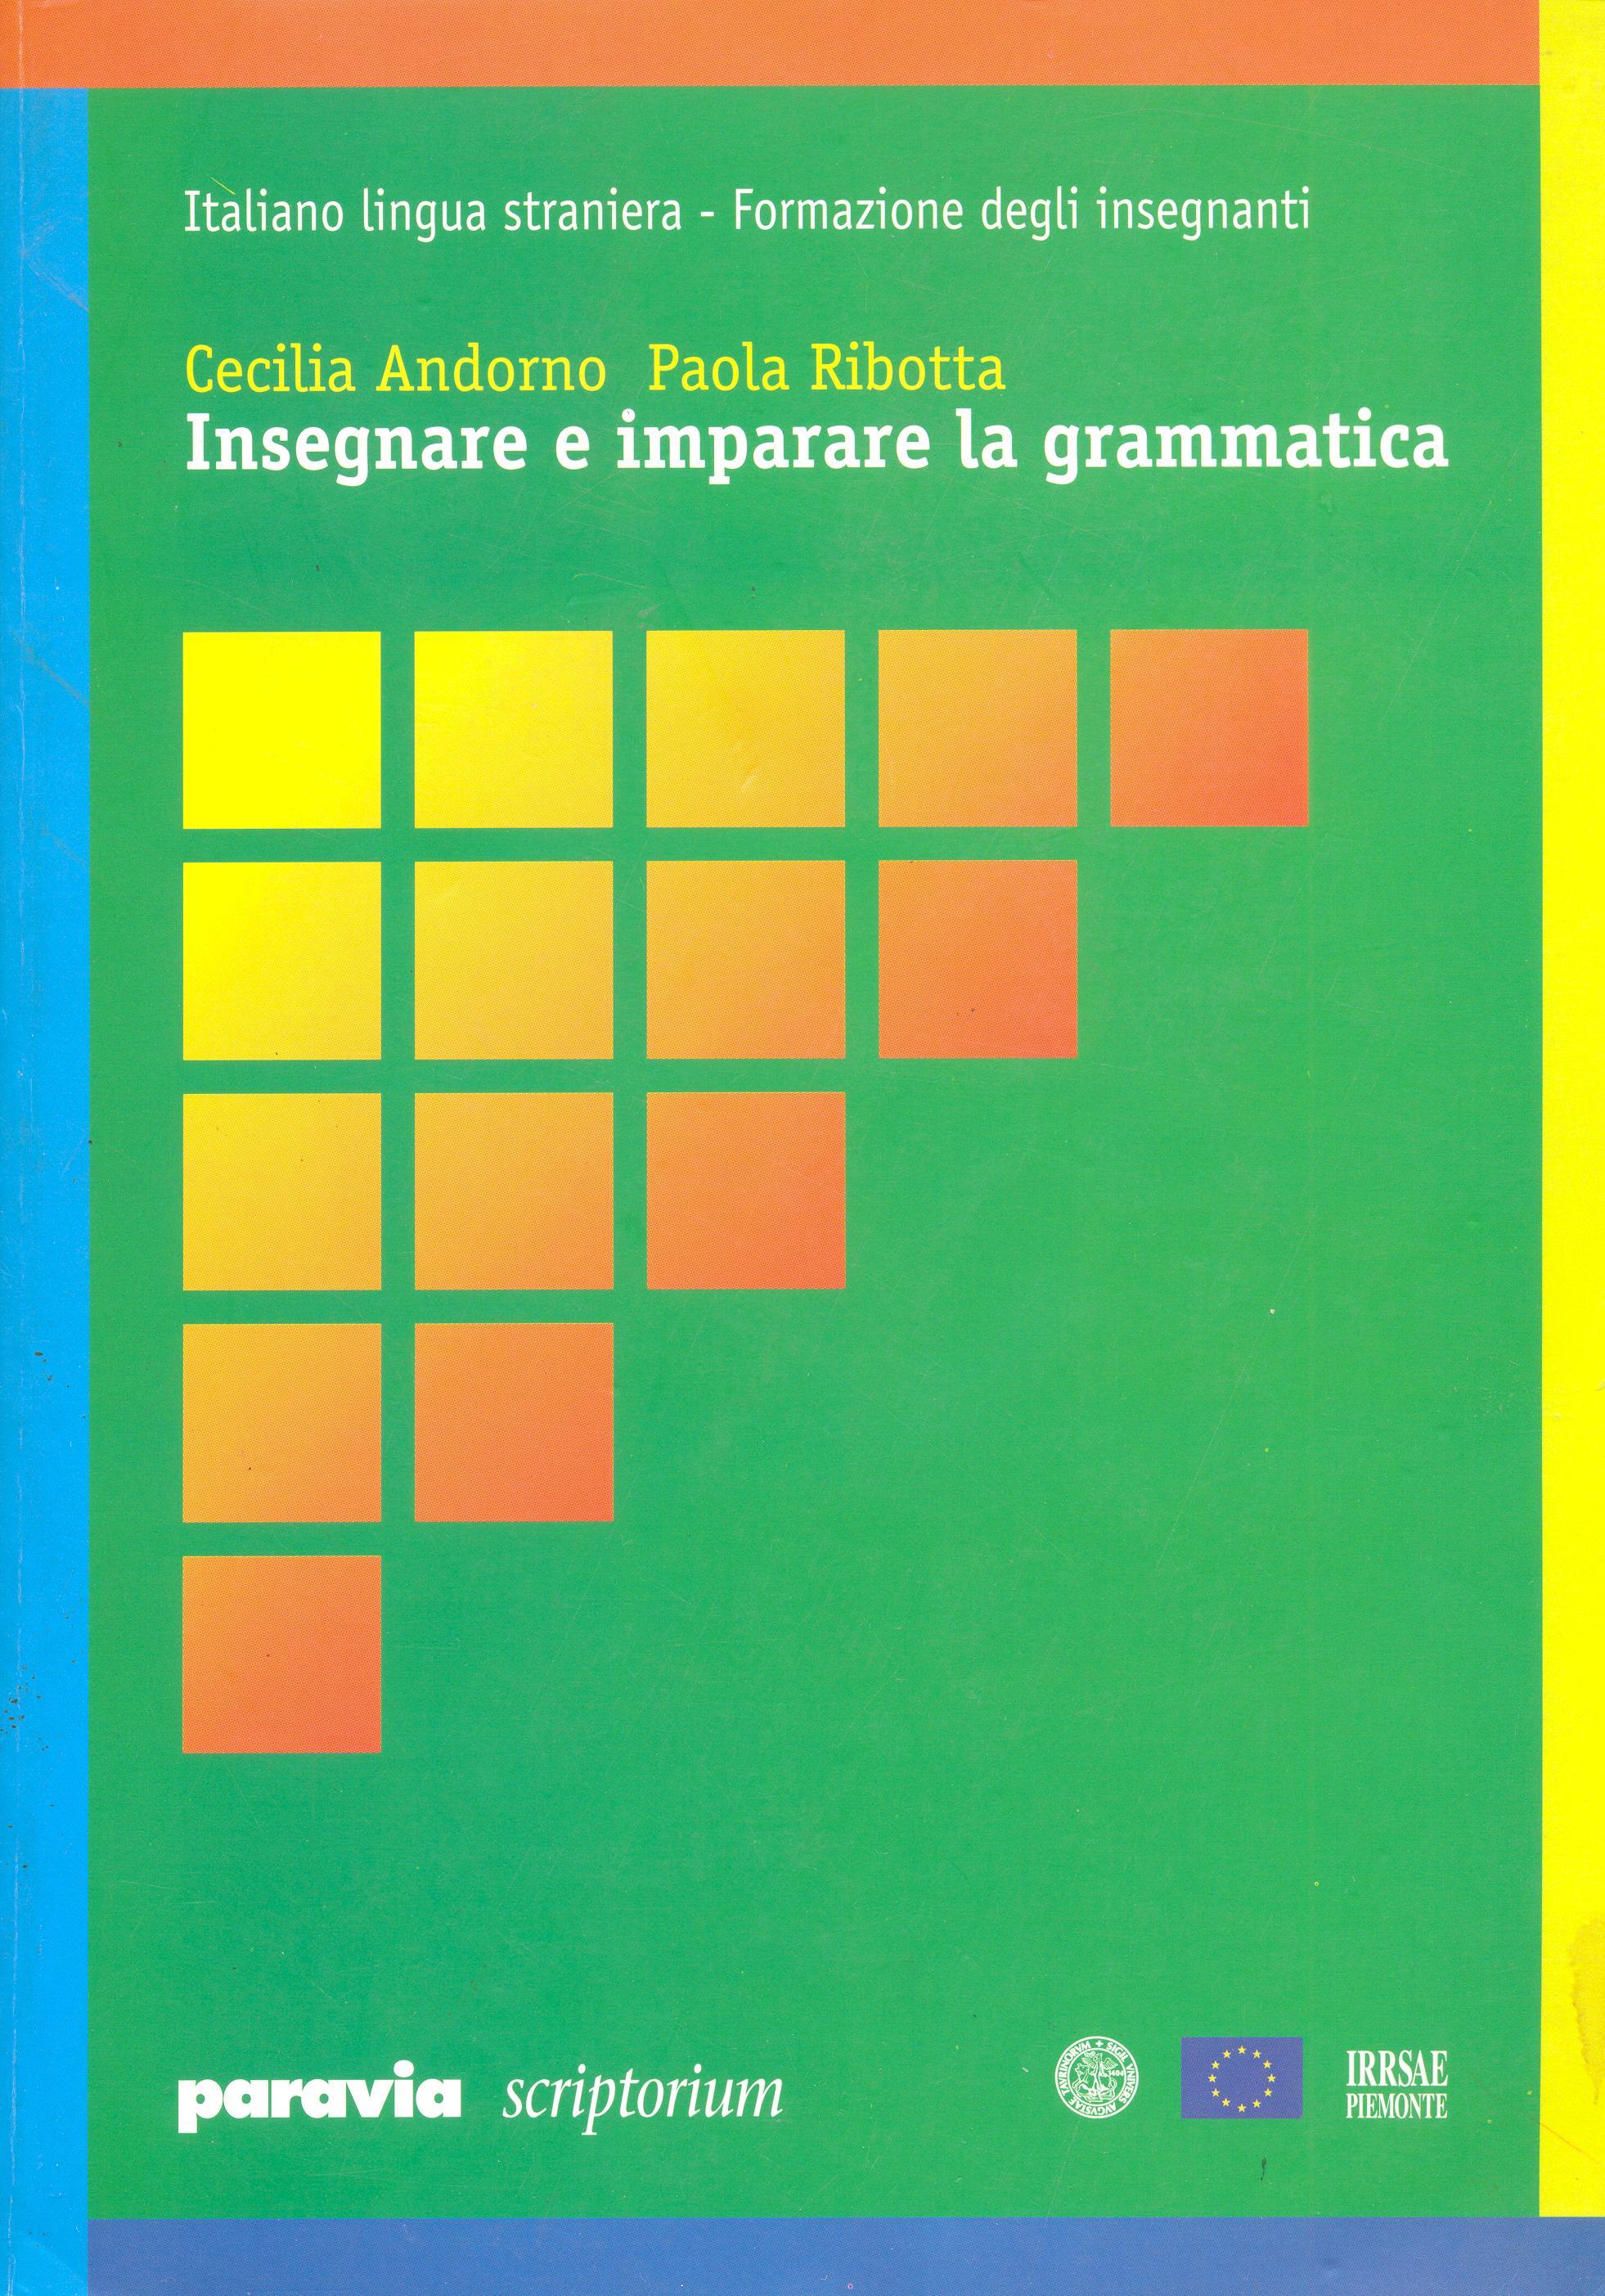 Insegnare e imparare la grammatica